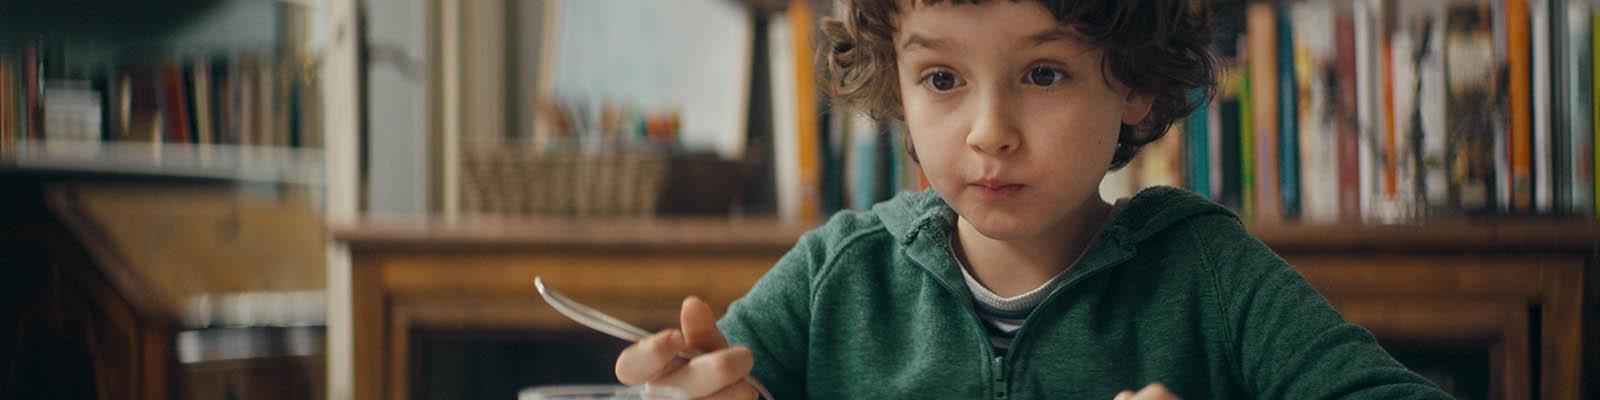 """Garofalo debütiert im Fernsehen mit """"Gute Pasta lügt nicht"""""""